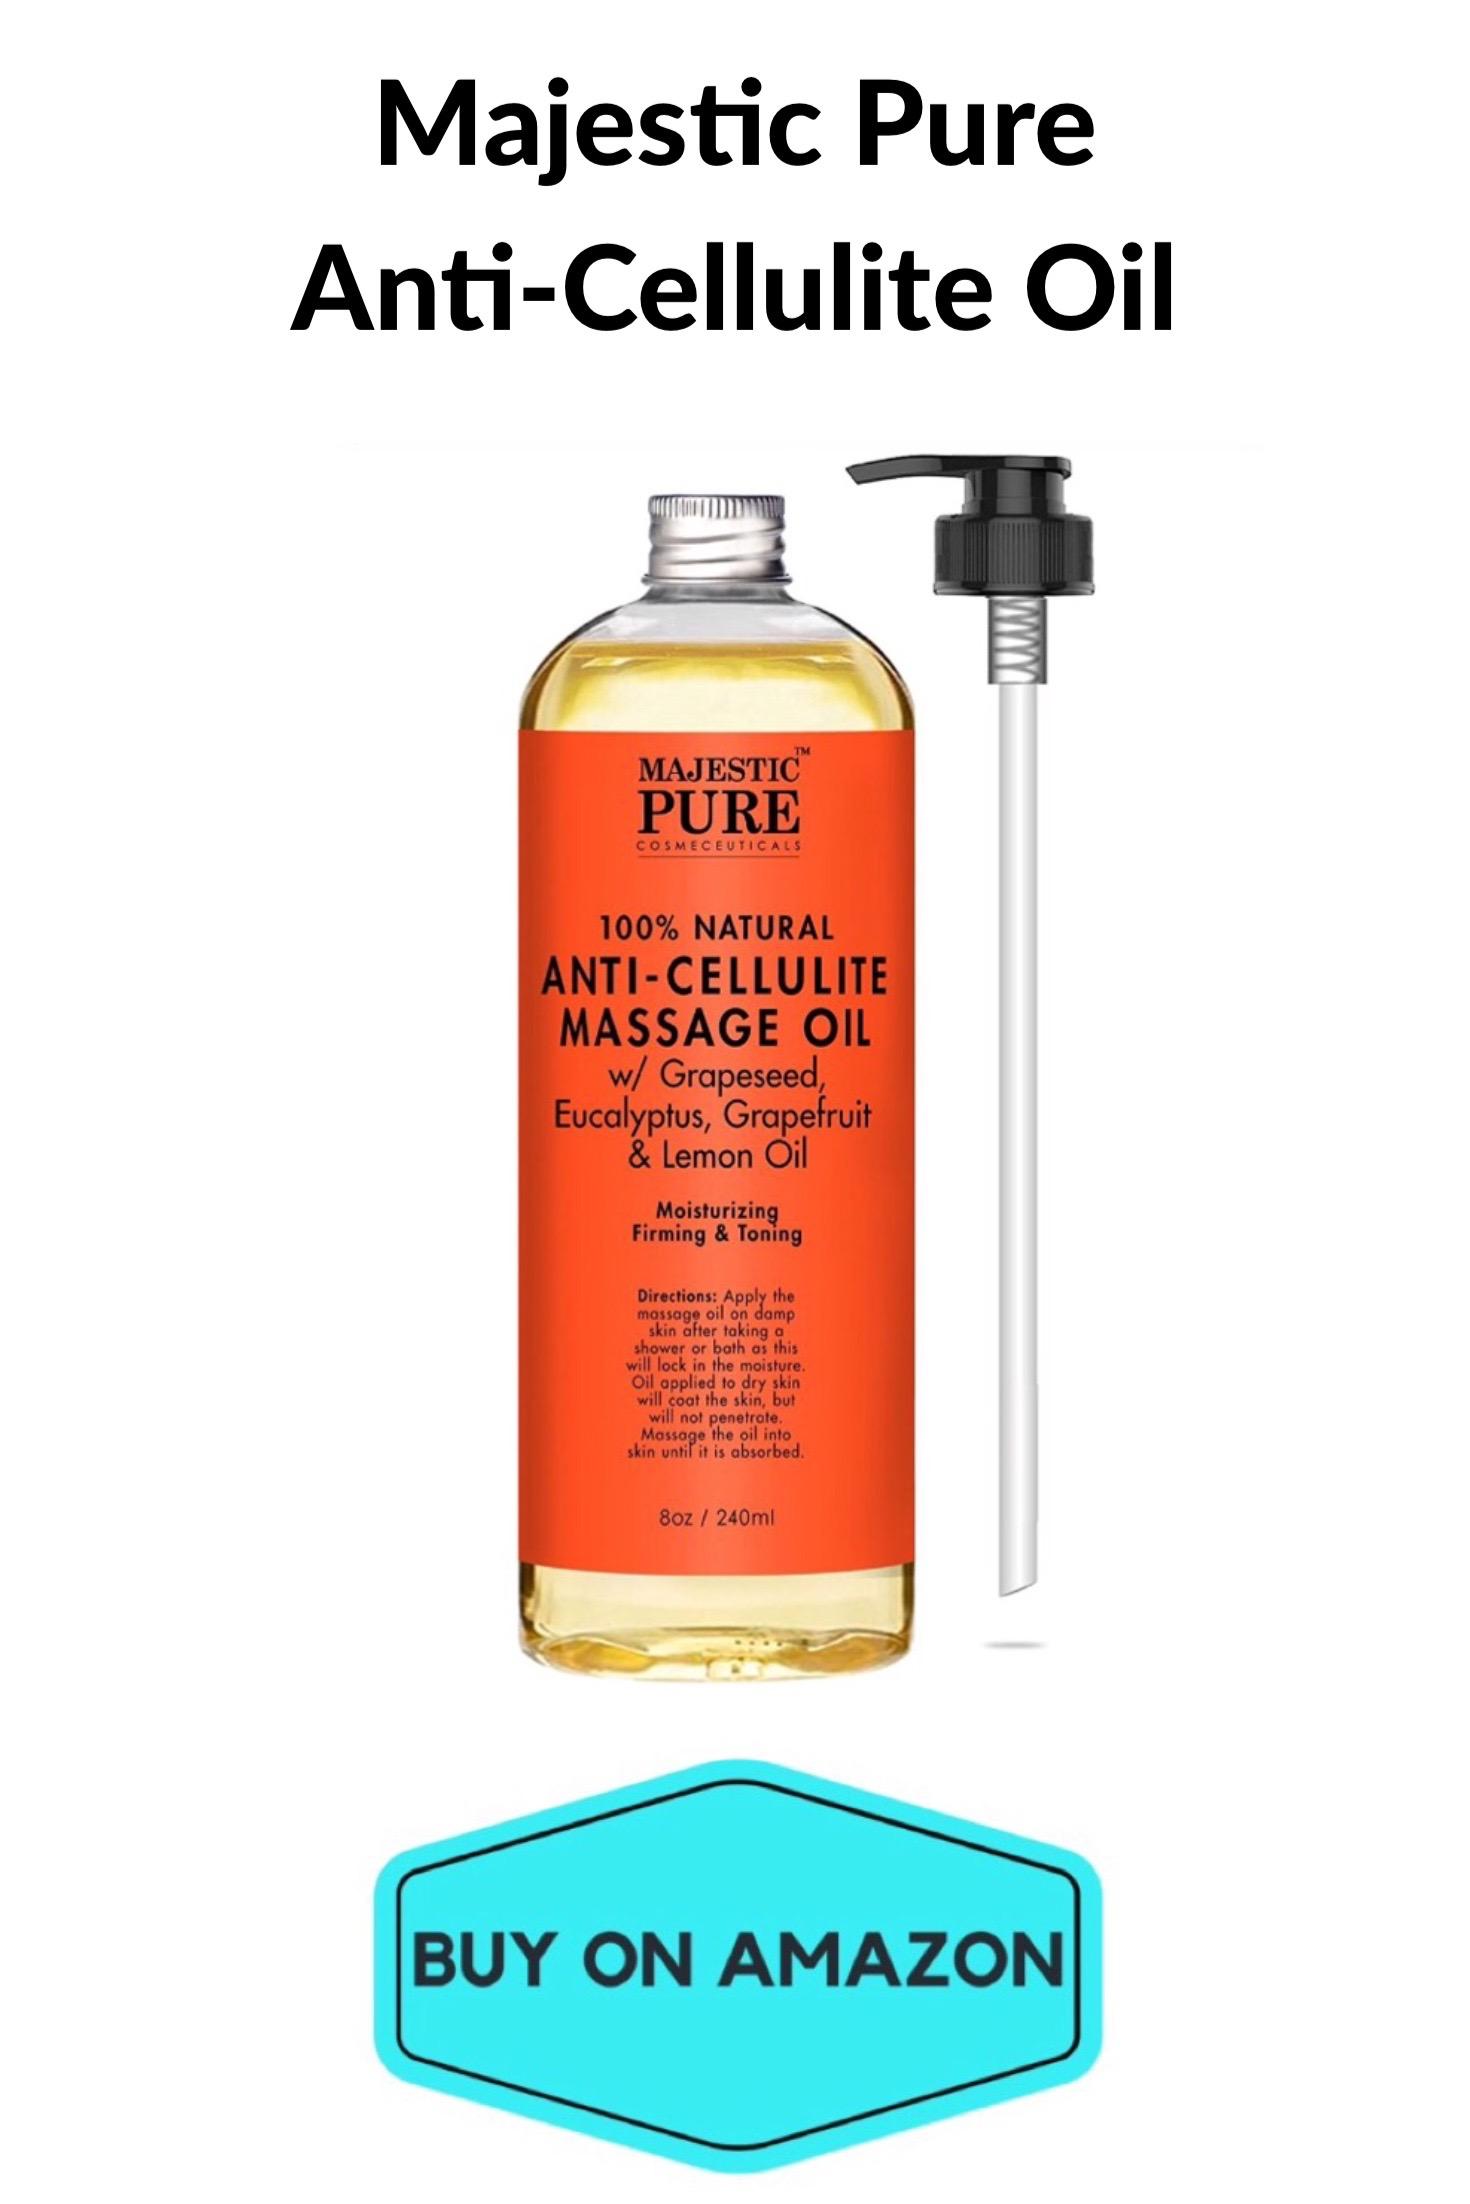 Majestic Pure Anti-Cellulite Oil